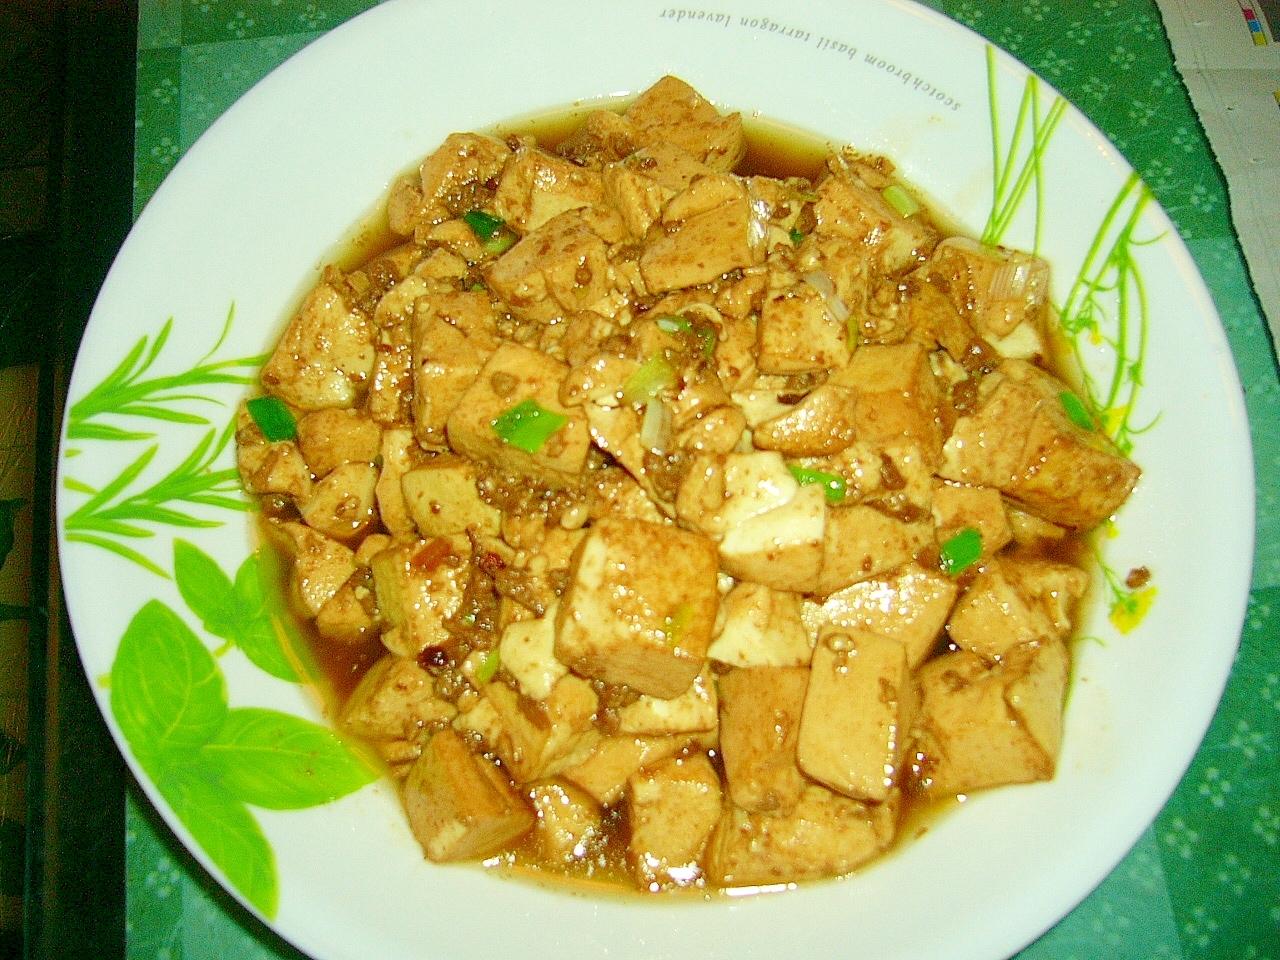 カキ油入れ煮豆腐